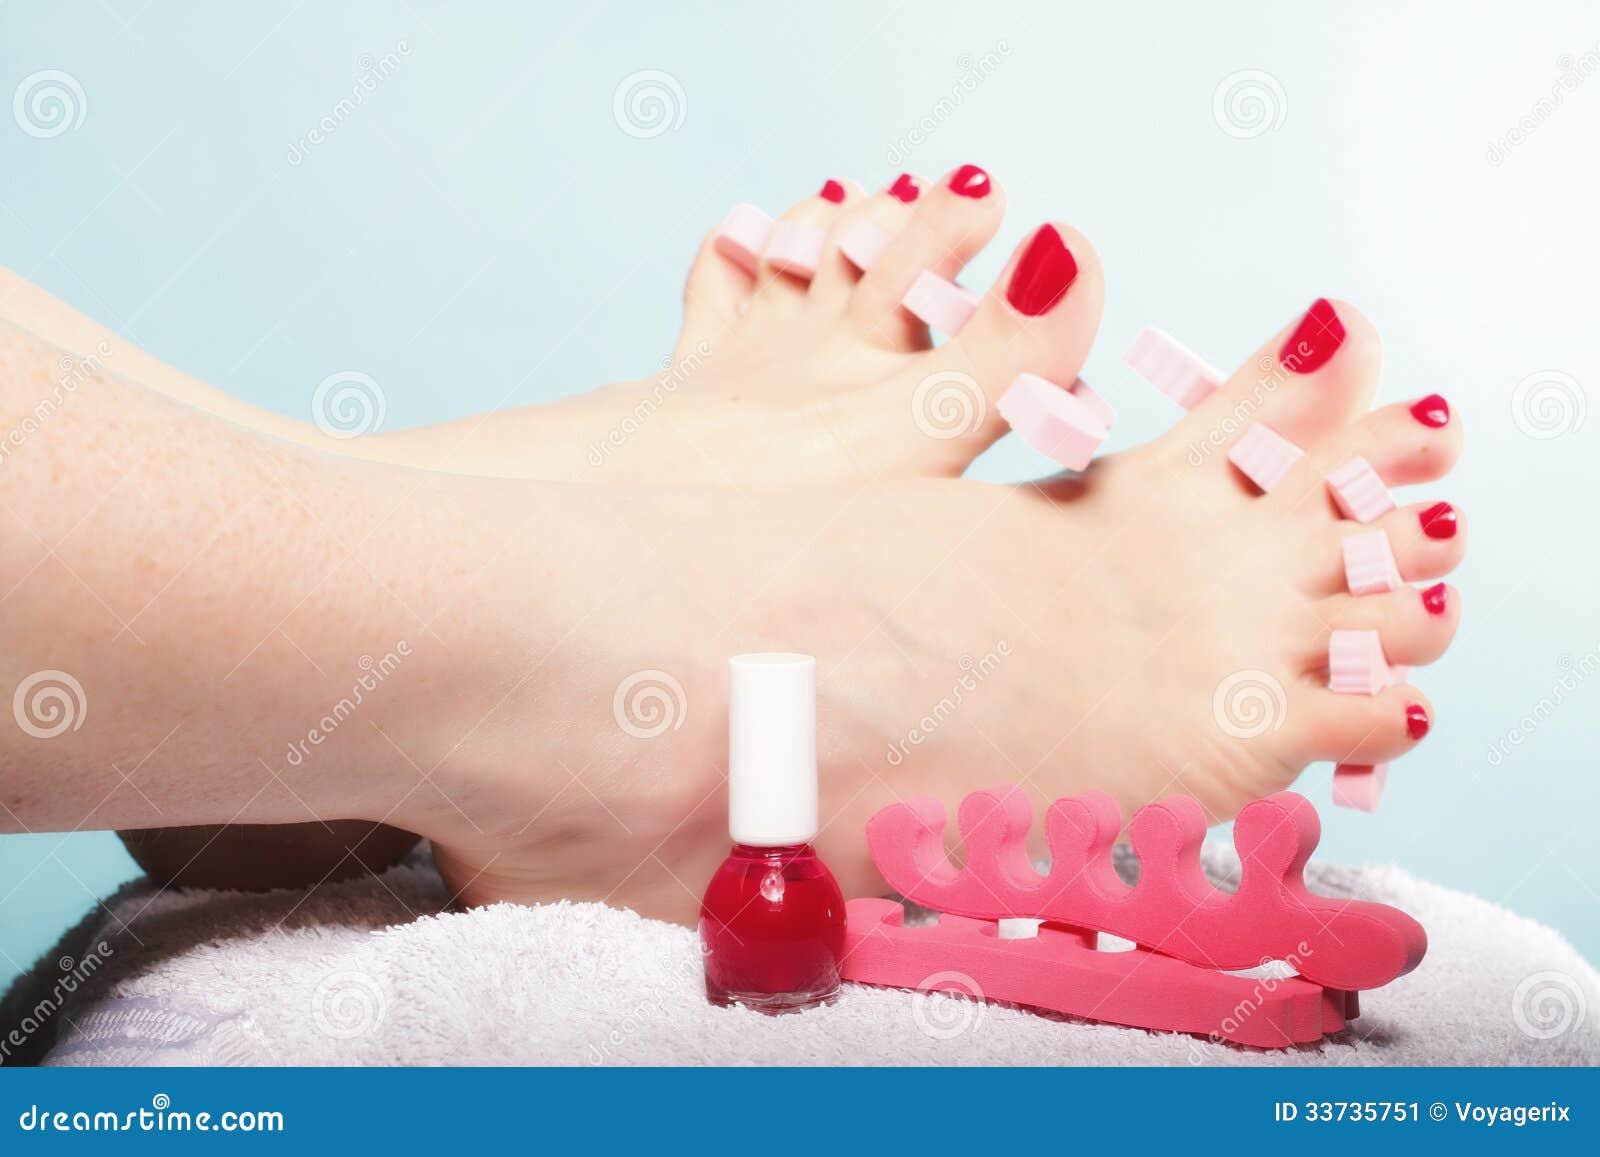 Pedicure ноги прикладывая красные toenails на сини